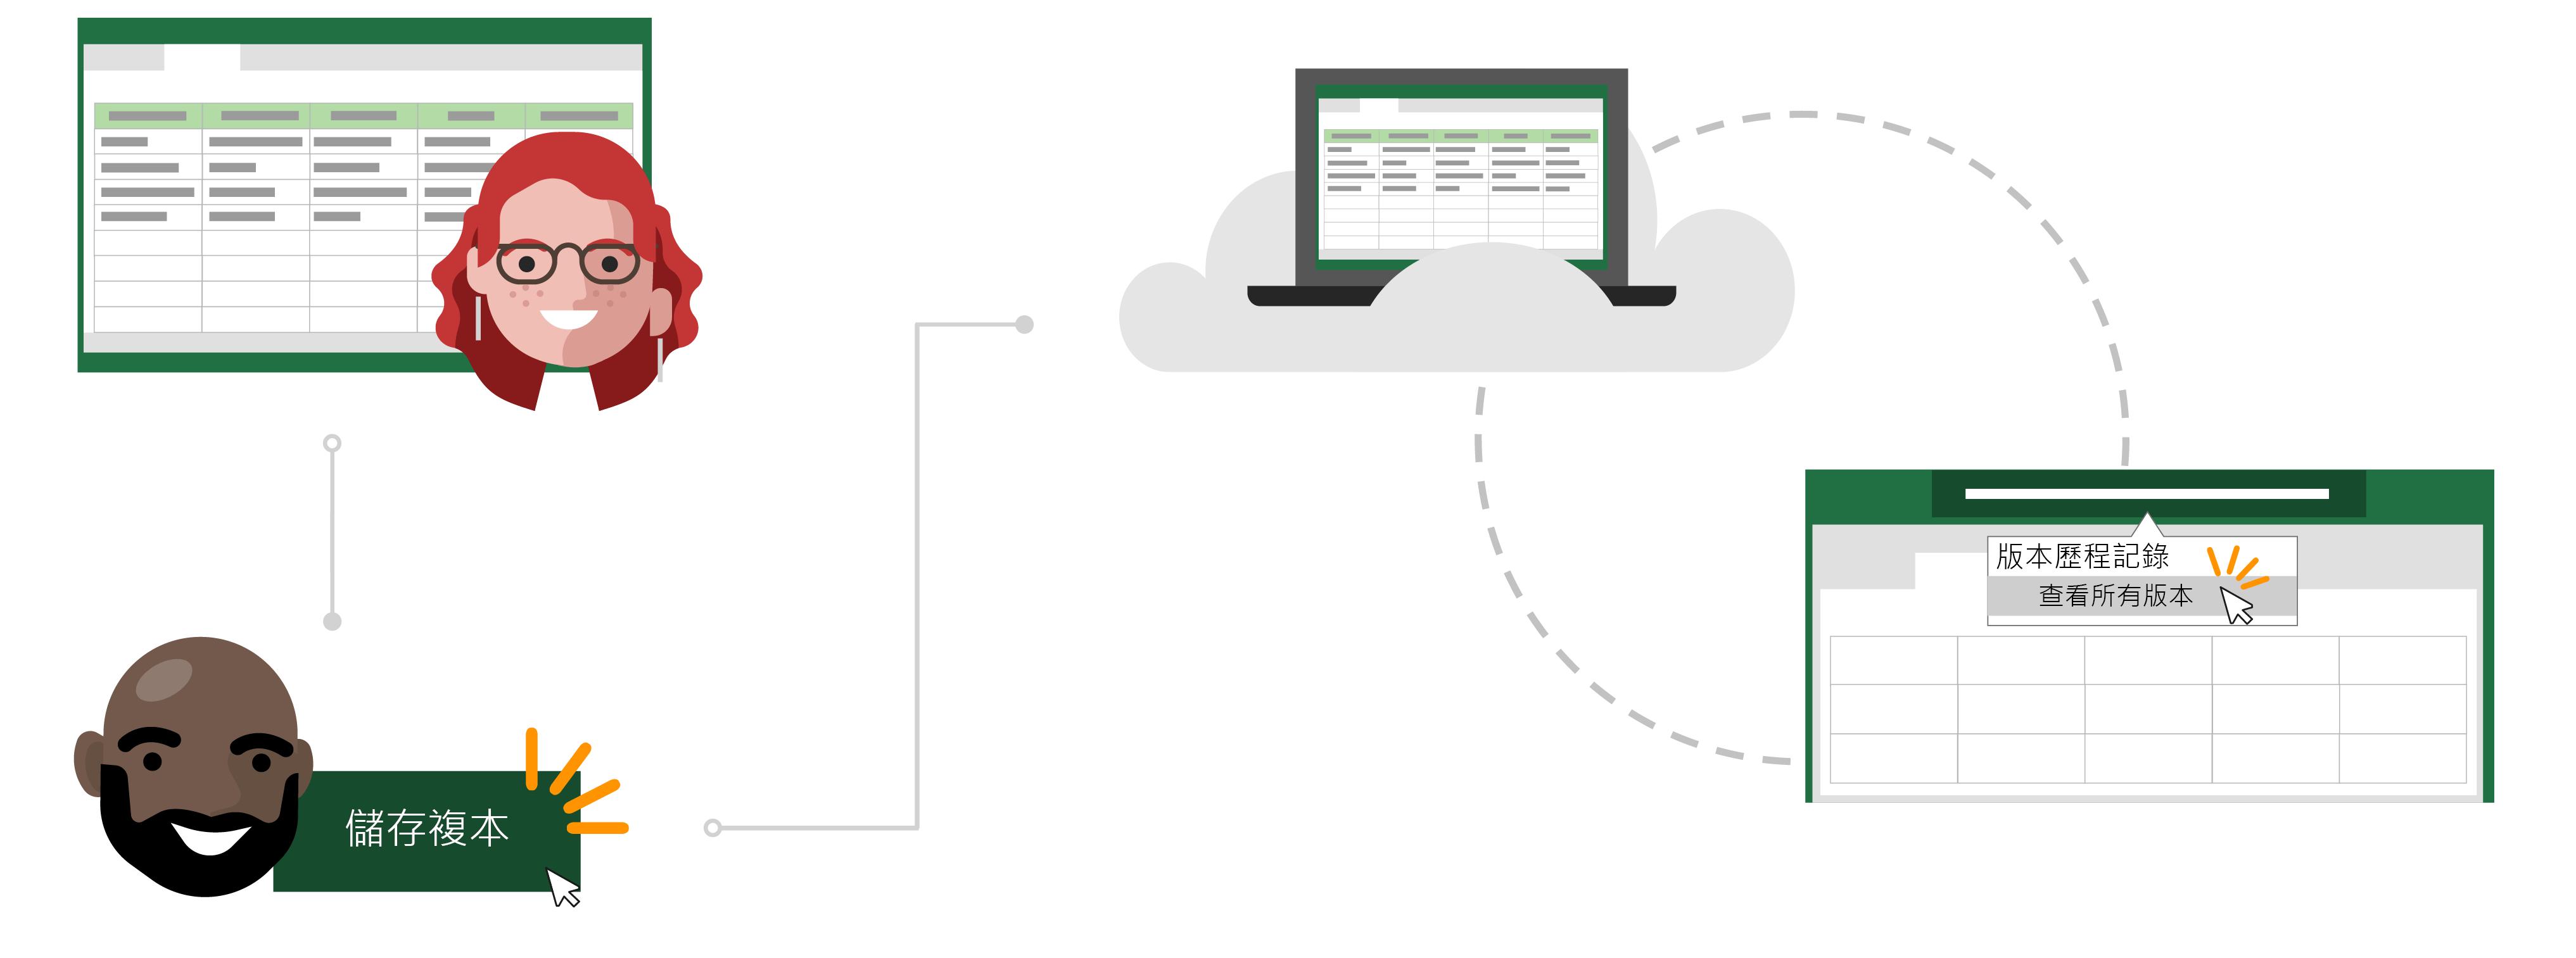 使用雲端中現有的檔案做為新檔案的範本(使用 [儲存複本])。